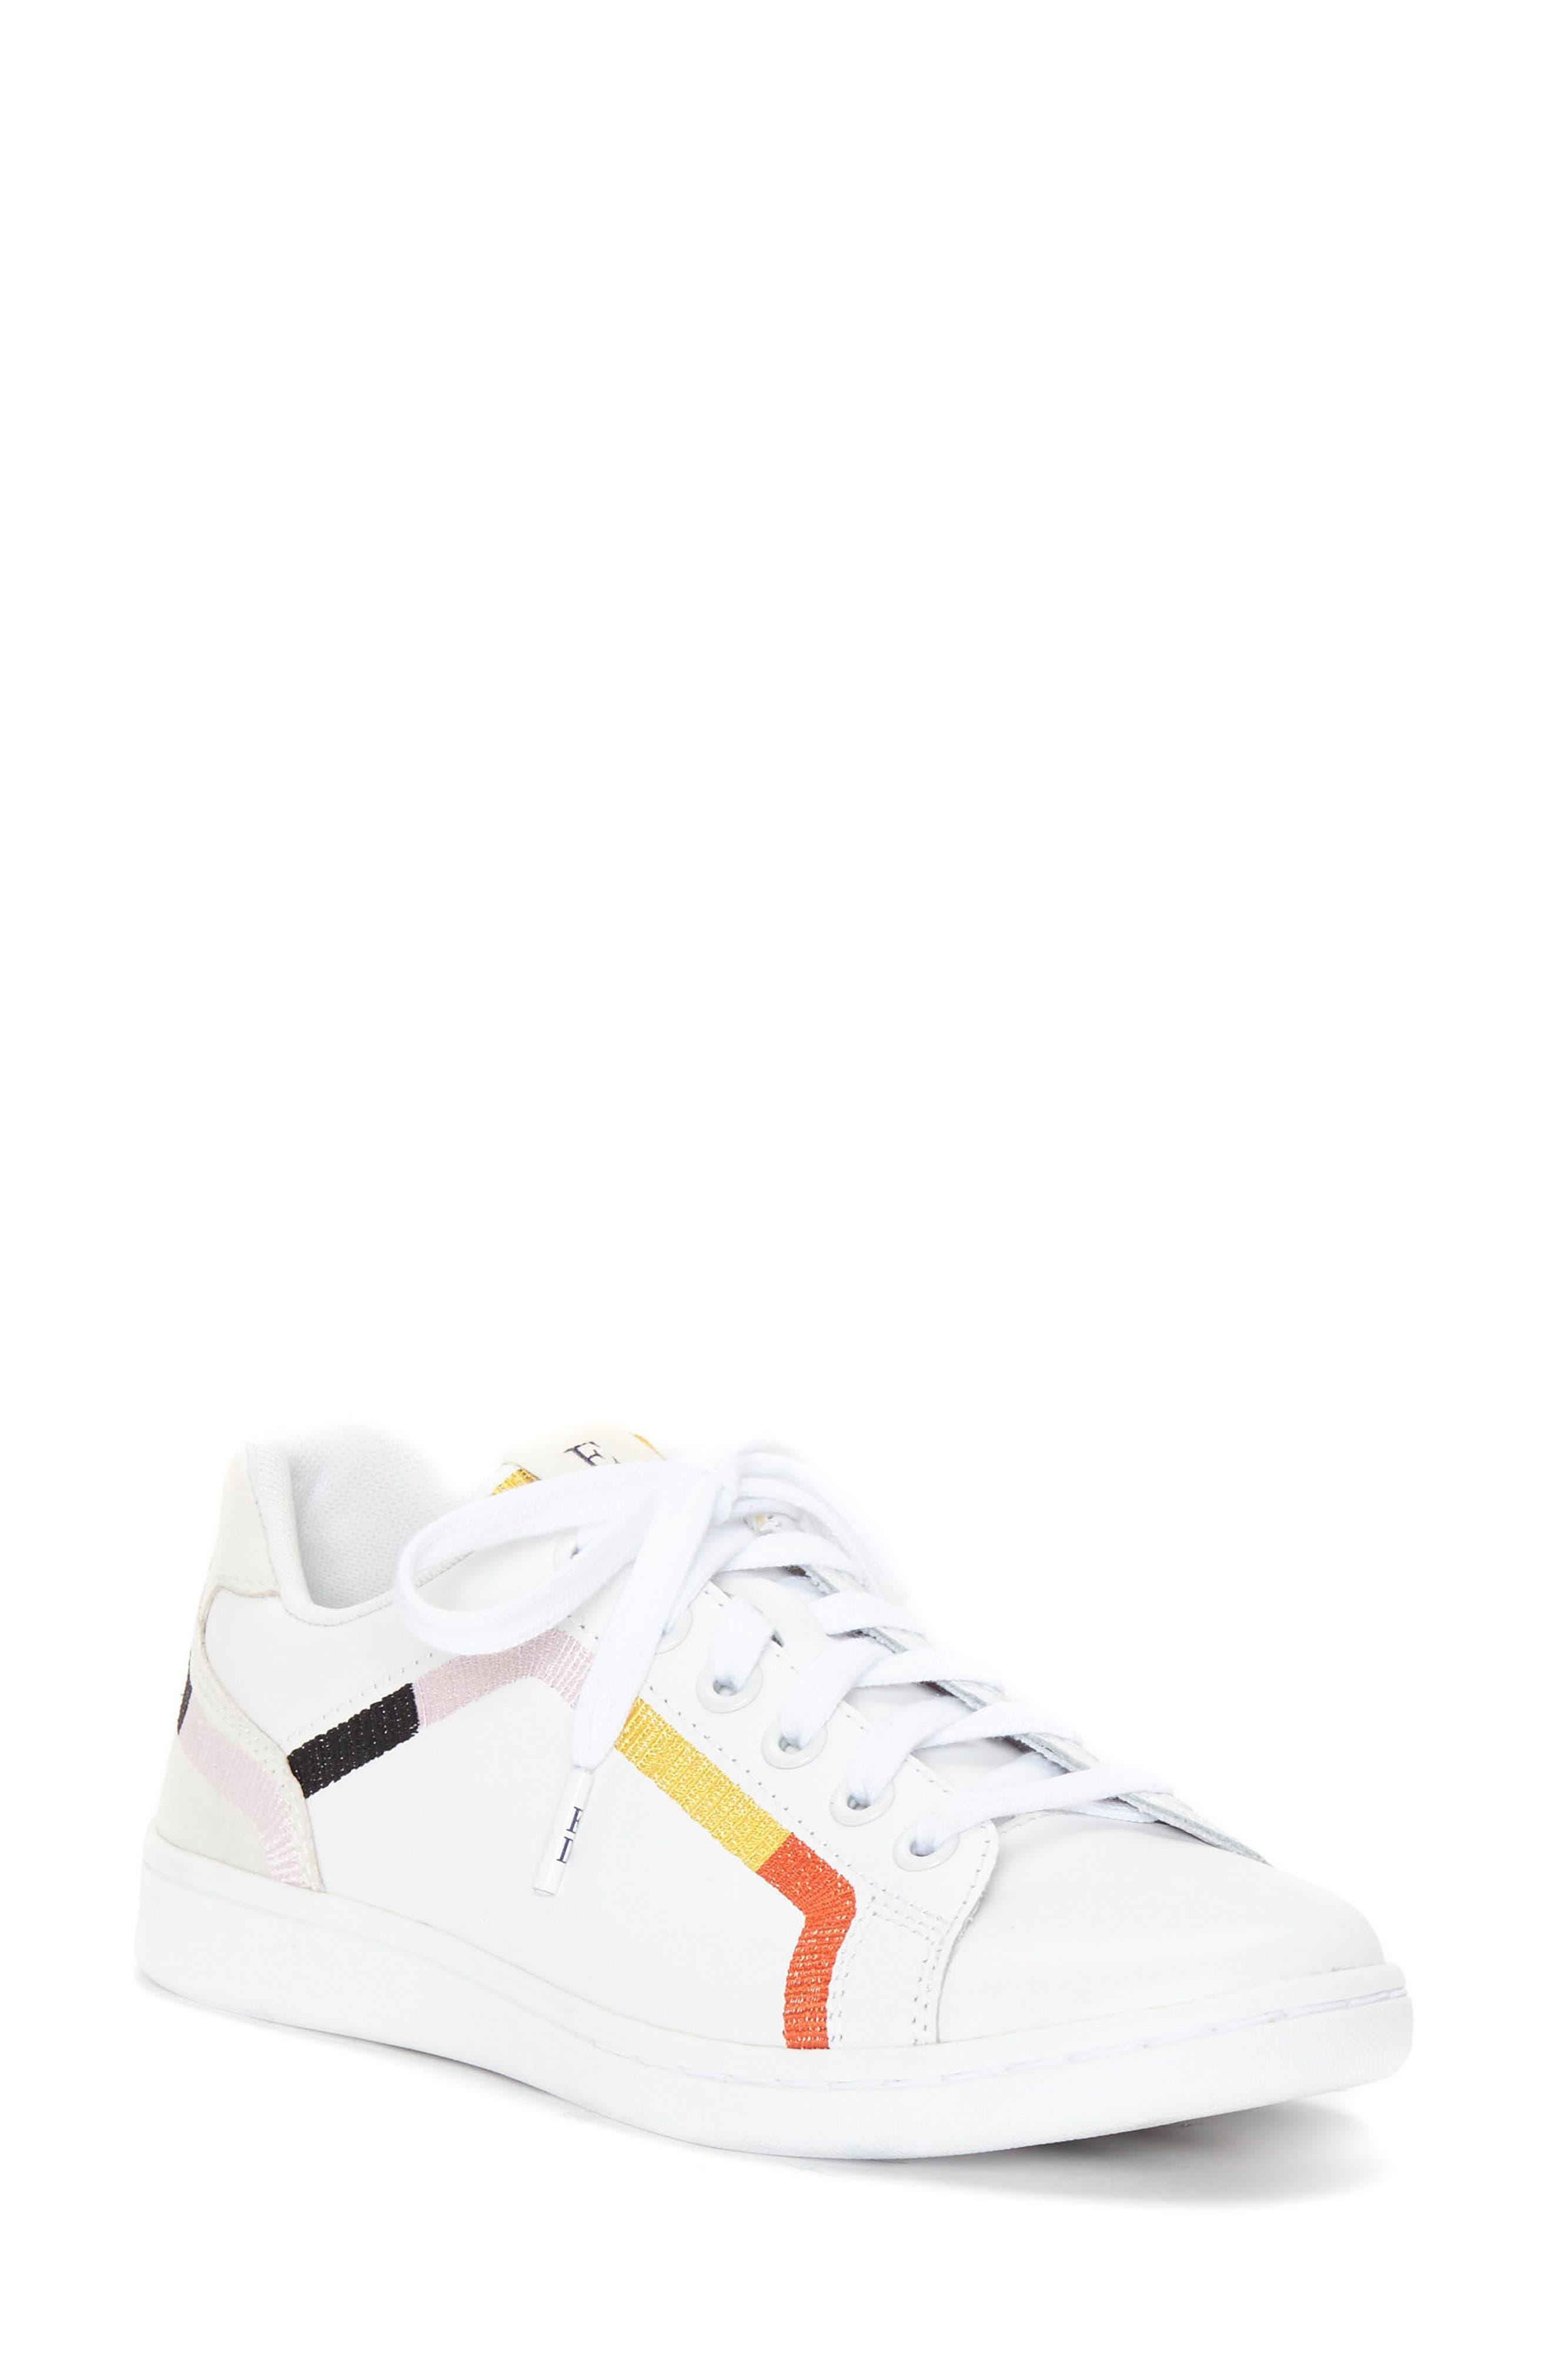 Costella Sneaker,                         Main,                         color, PURE WHITE LEATHER